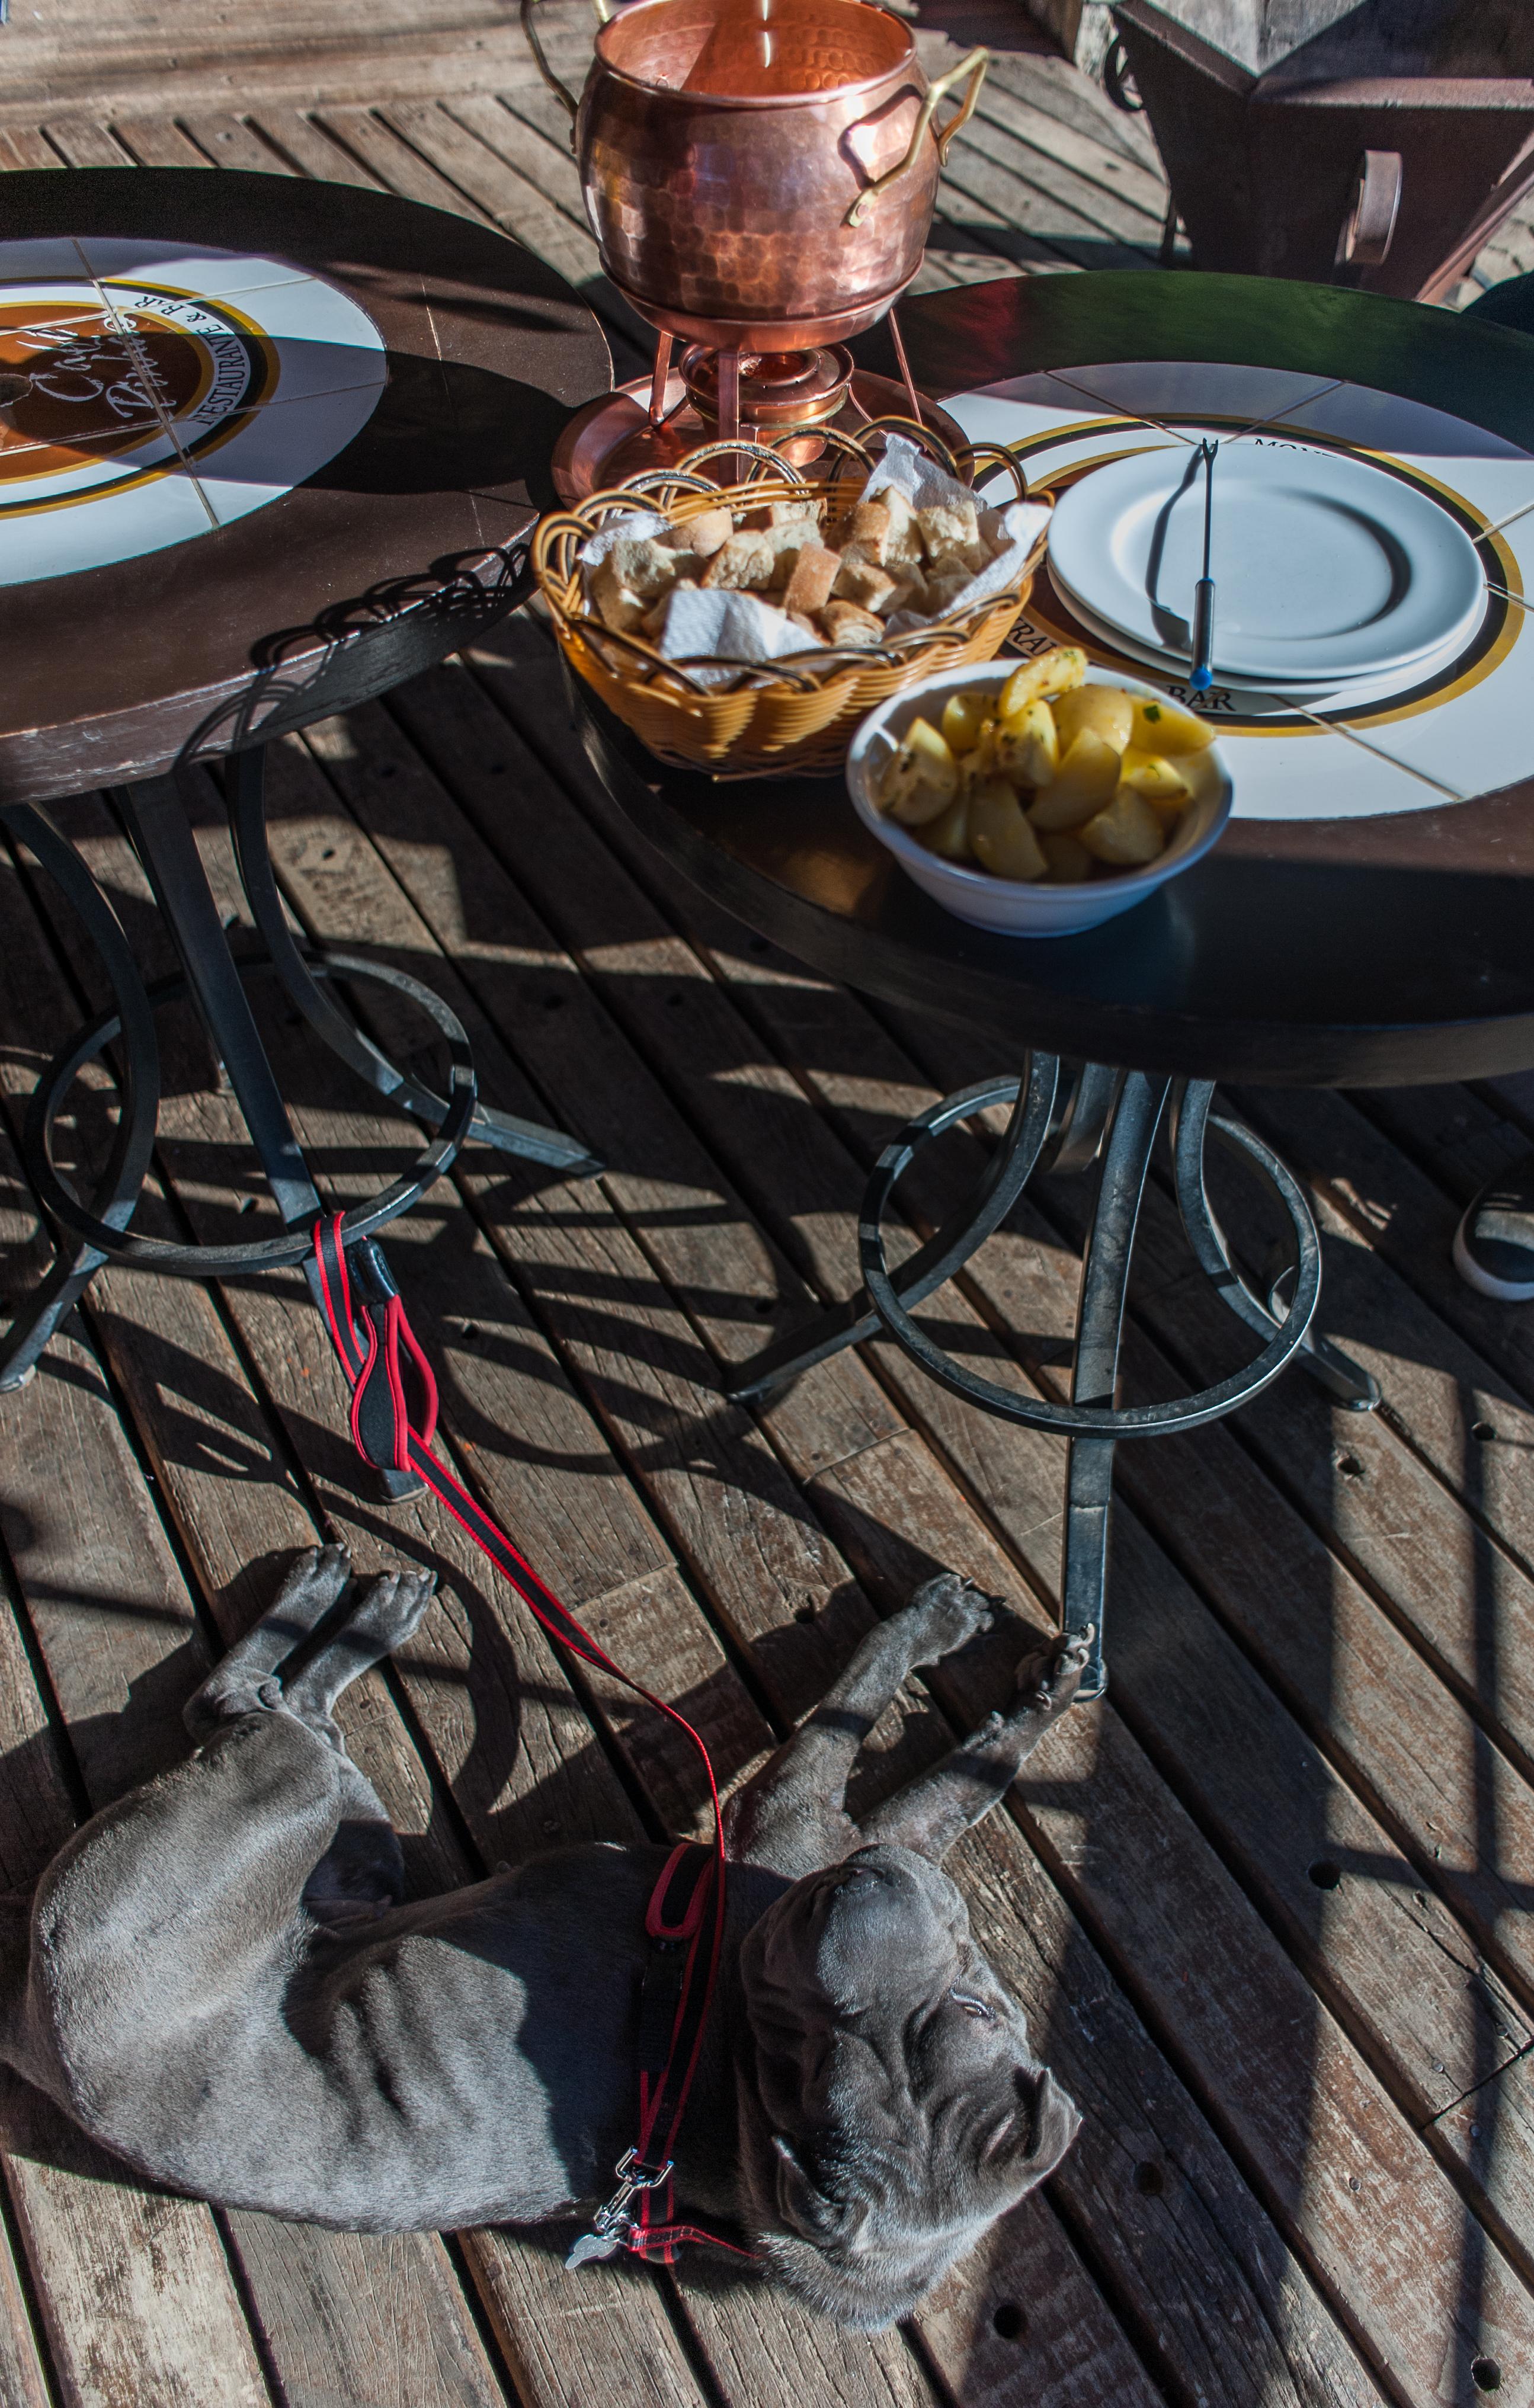 cachorro deitado e fondue em cima da mesa